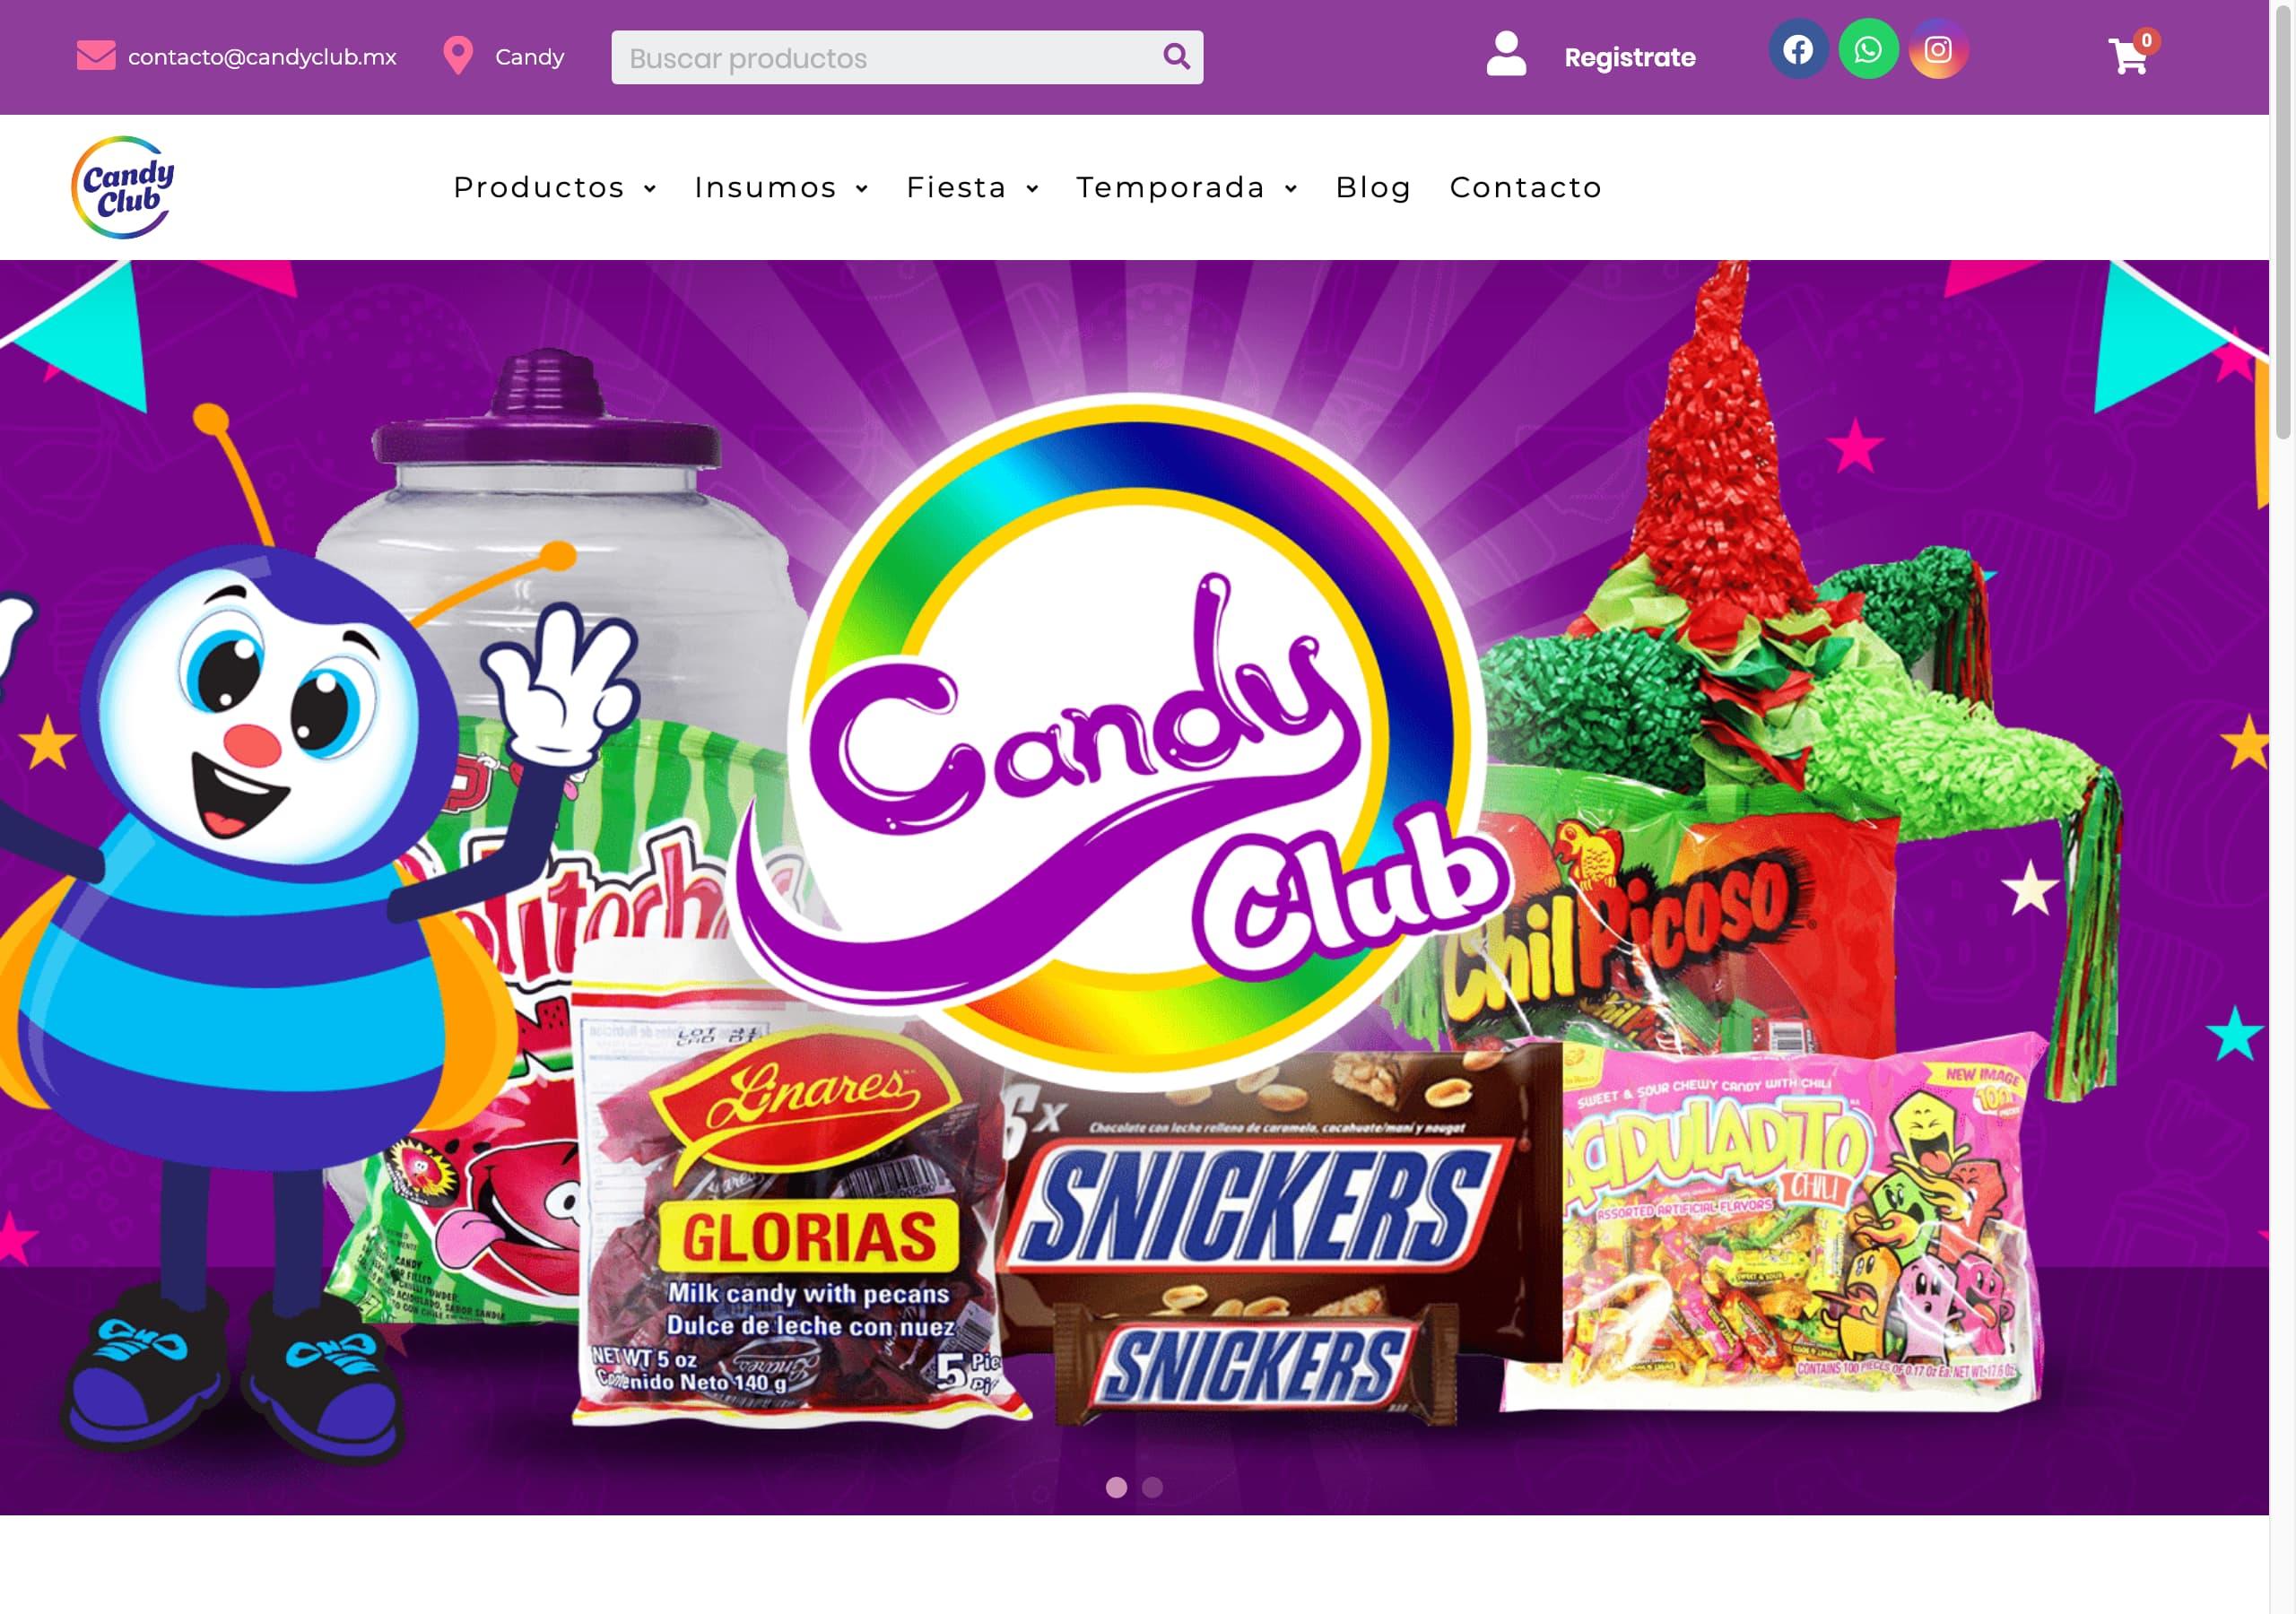 candyclub.mx